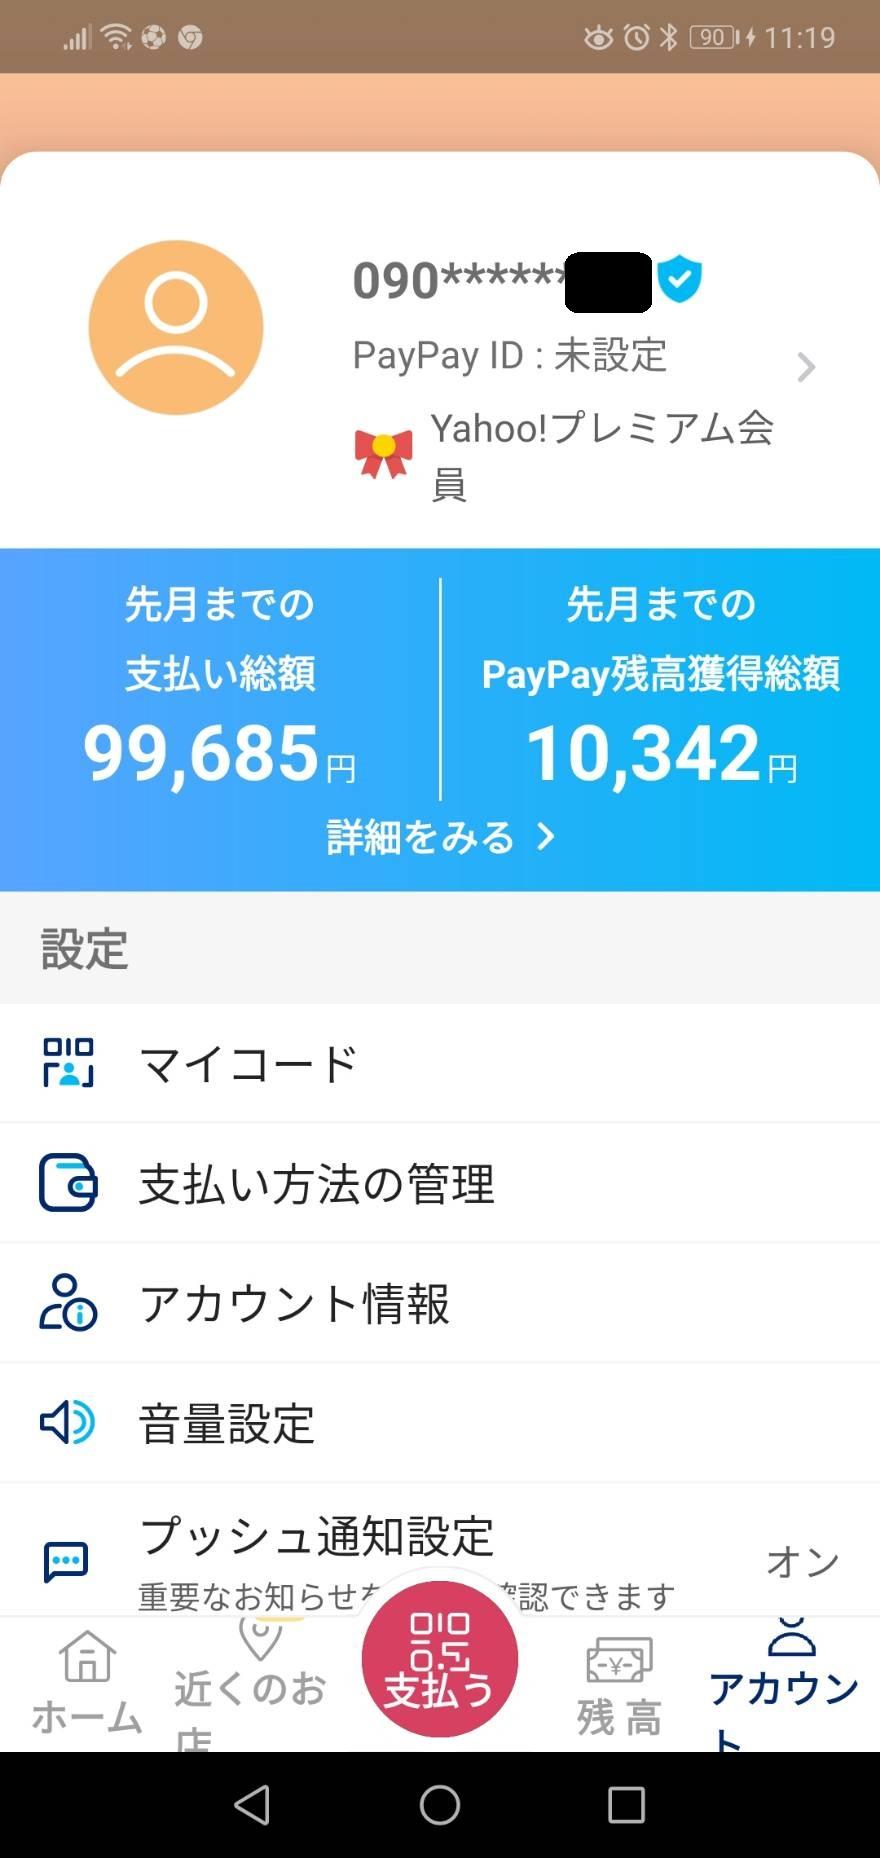 限度 paypay 額 支払い PayPay(ペイペイ)クレジットカードの利用限度額を増やす方法!本人認証サービス(3Dセキュアを設定しよう